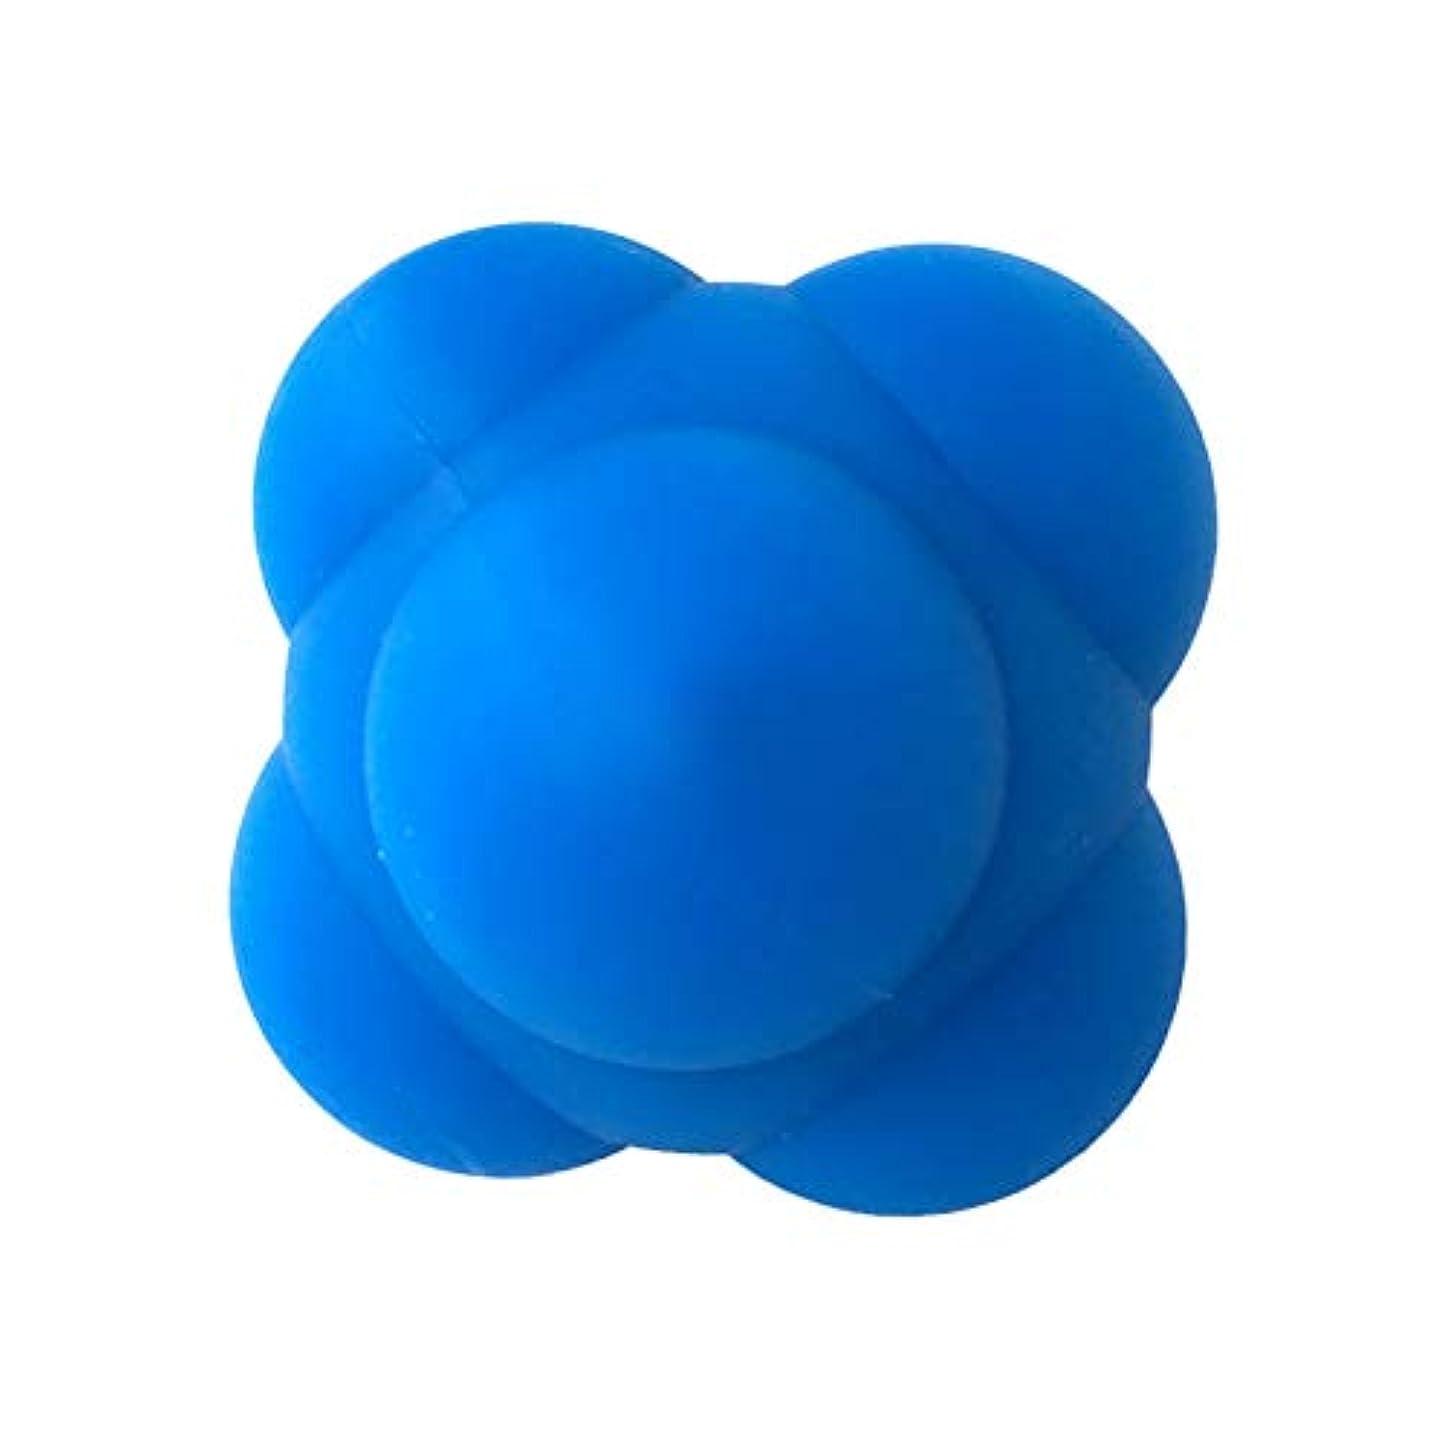 ソビエト前奏曲オートHealifty 体の管理ボールスポーツシリコン六角形のボールソリッドフィットネストレーニングエクササイズリアクションボール素早さと敏捷性トレーニングボール6cm(青)